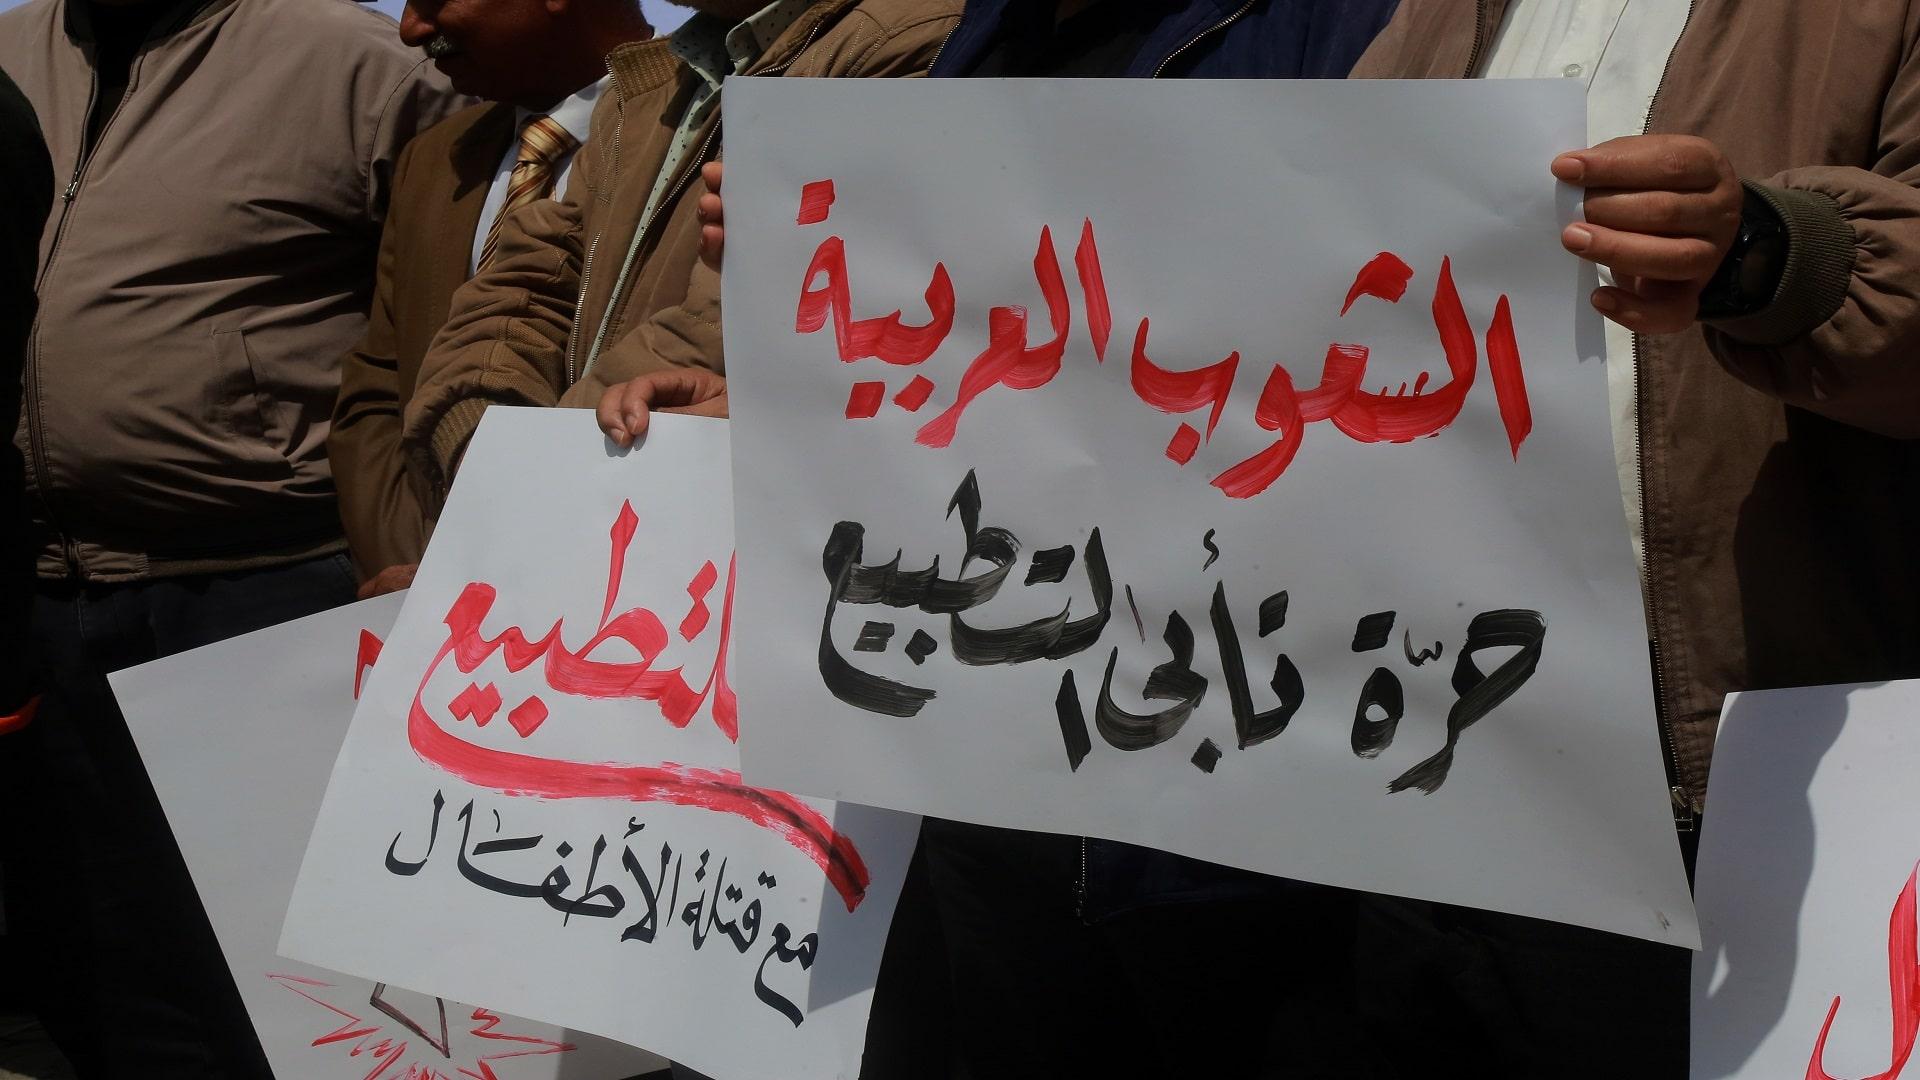 إماراتيون يتبرأون من (شيطان العرب) محمد بن زايد ويبعثون بهذه الرسالة إلى أهل فلسطين (فيديو)